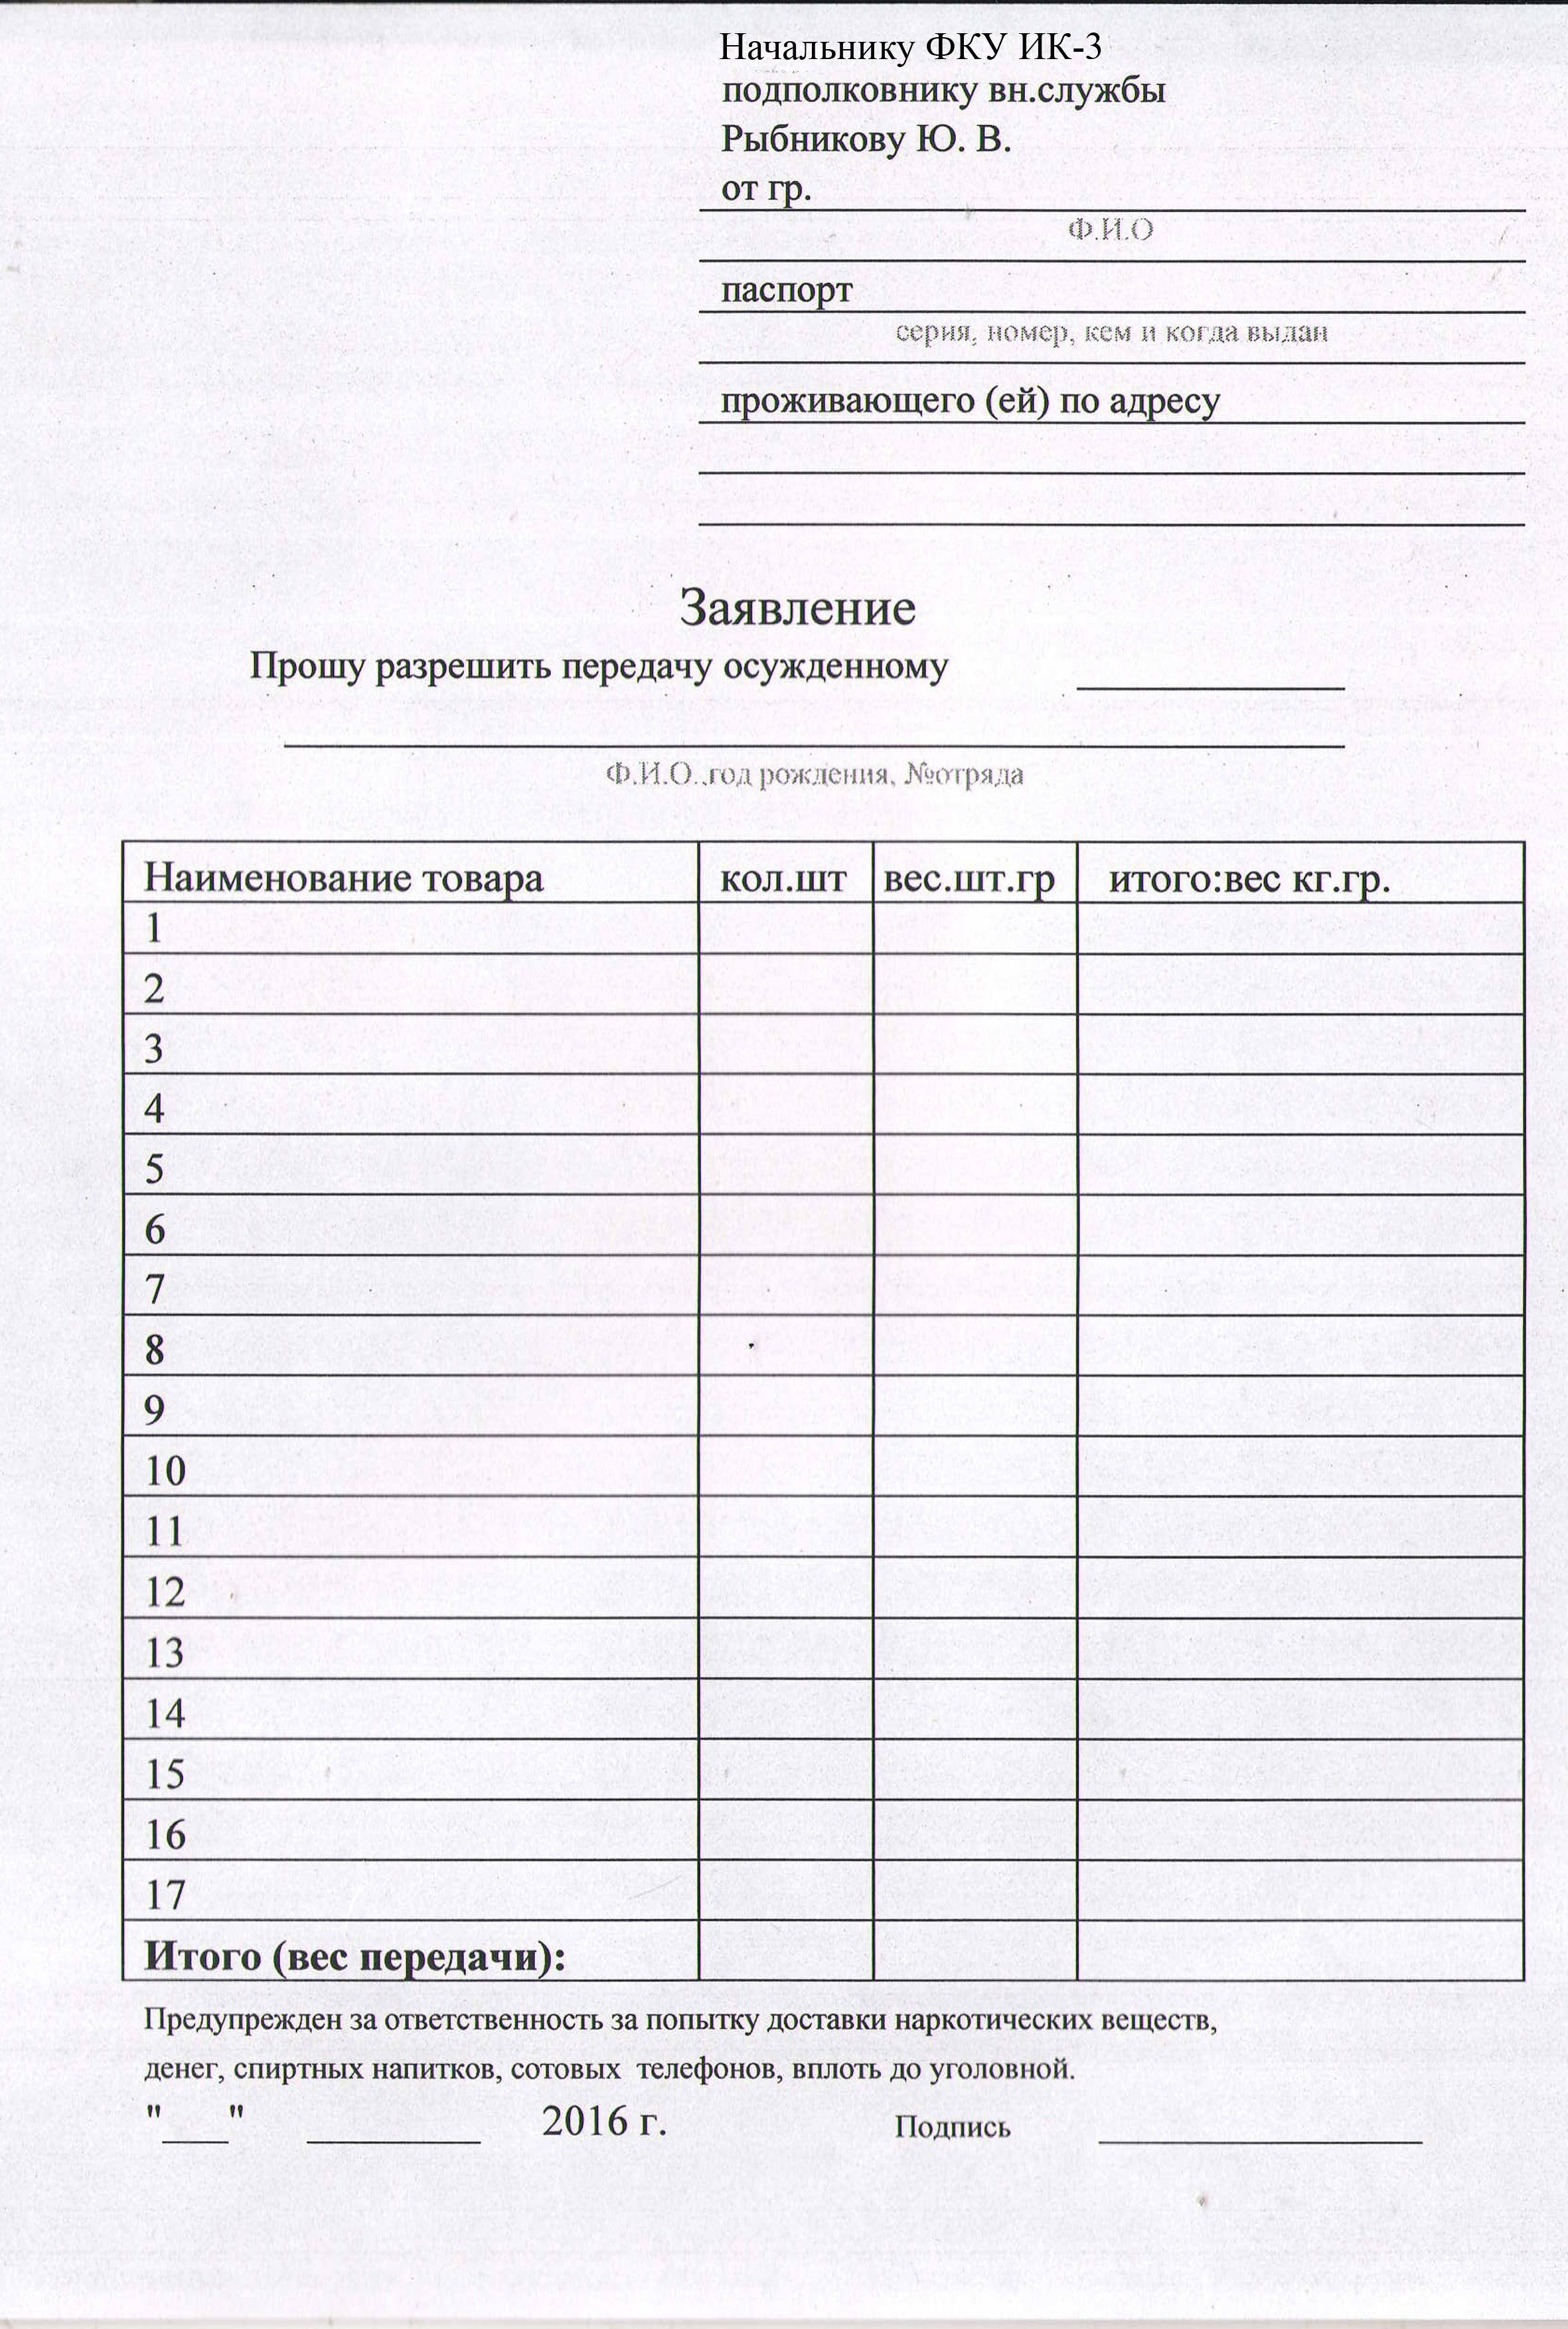 Передача в сизо: образец заявления, перечень разрешенных продуктов.